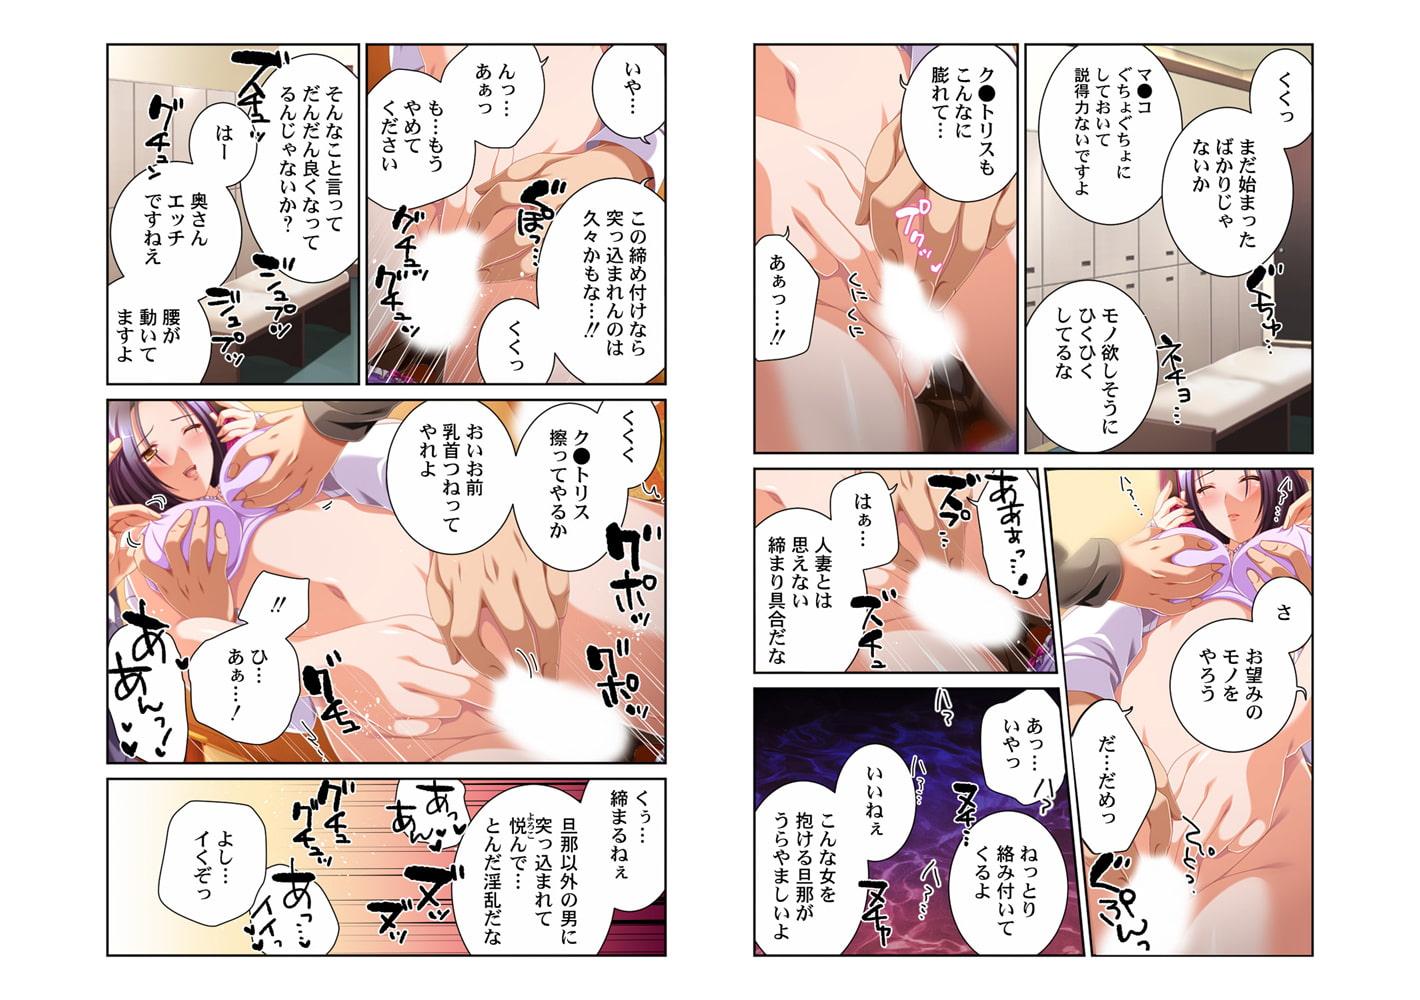 義理の家族【侍侍コレクション】 1巻